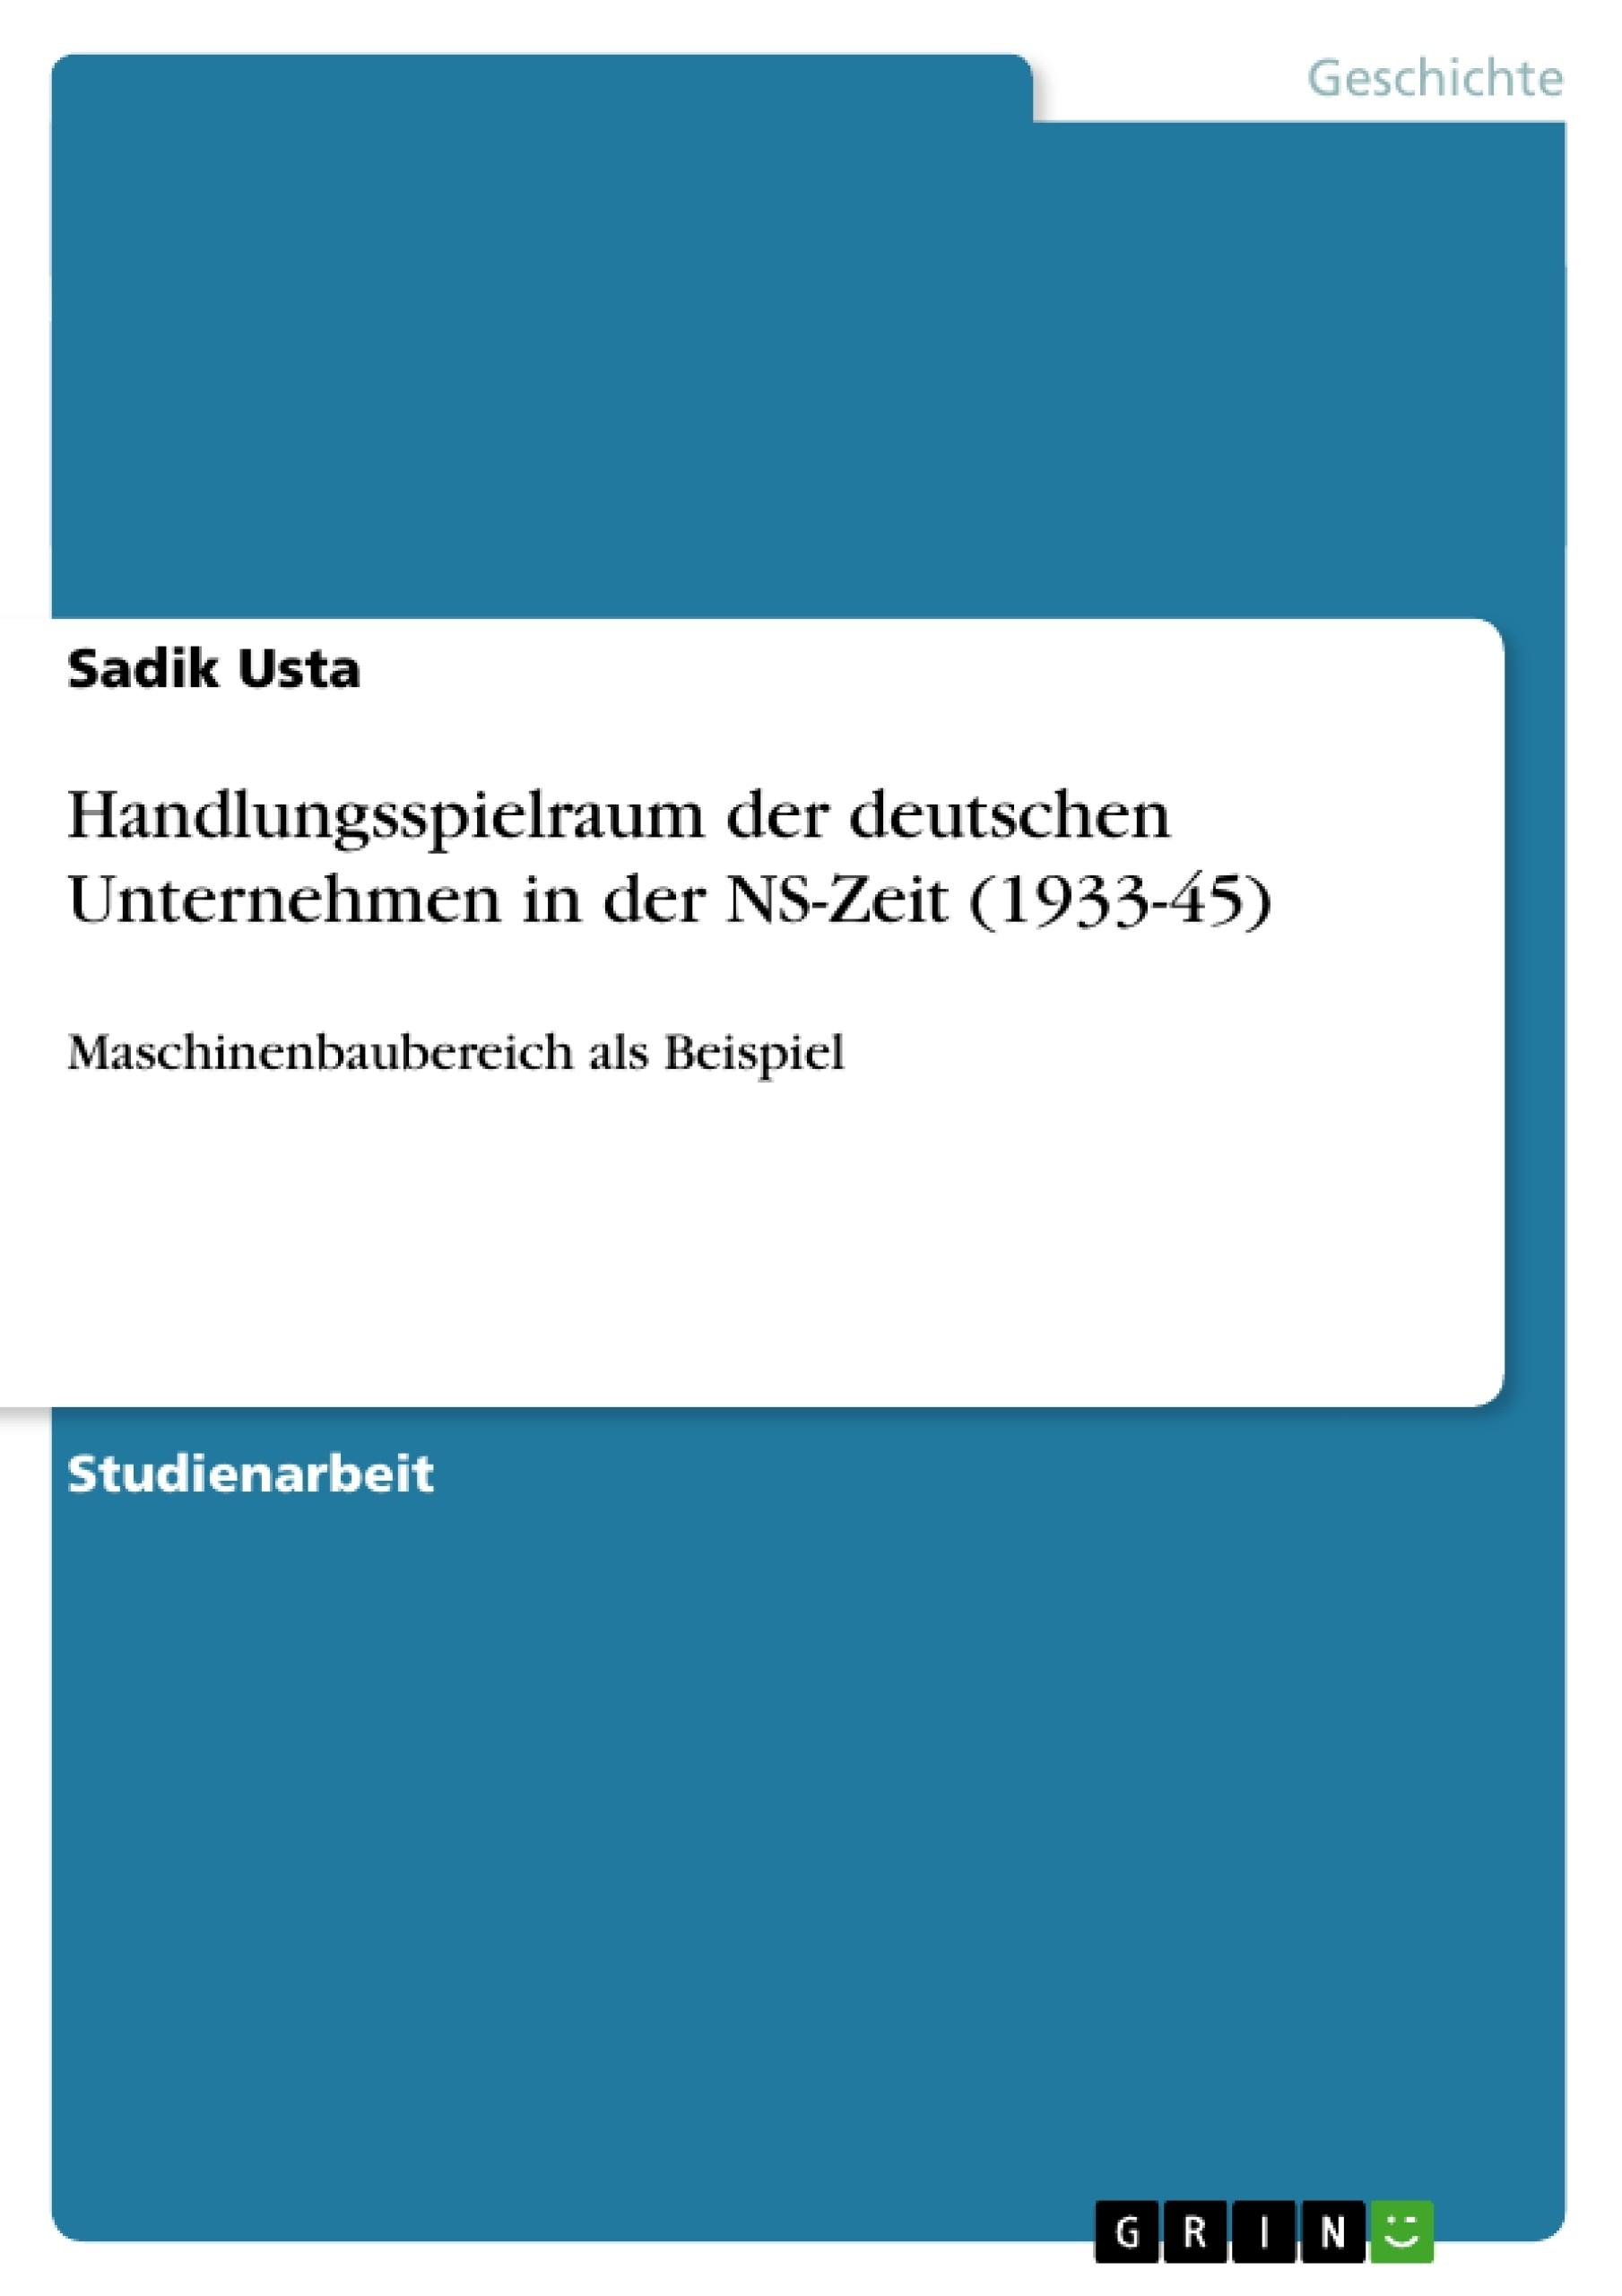 Titel: Handlungsspielraum der deutschen Unternehmen in der NS-Zeit (1933-45)